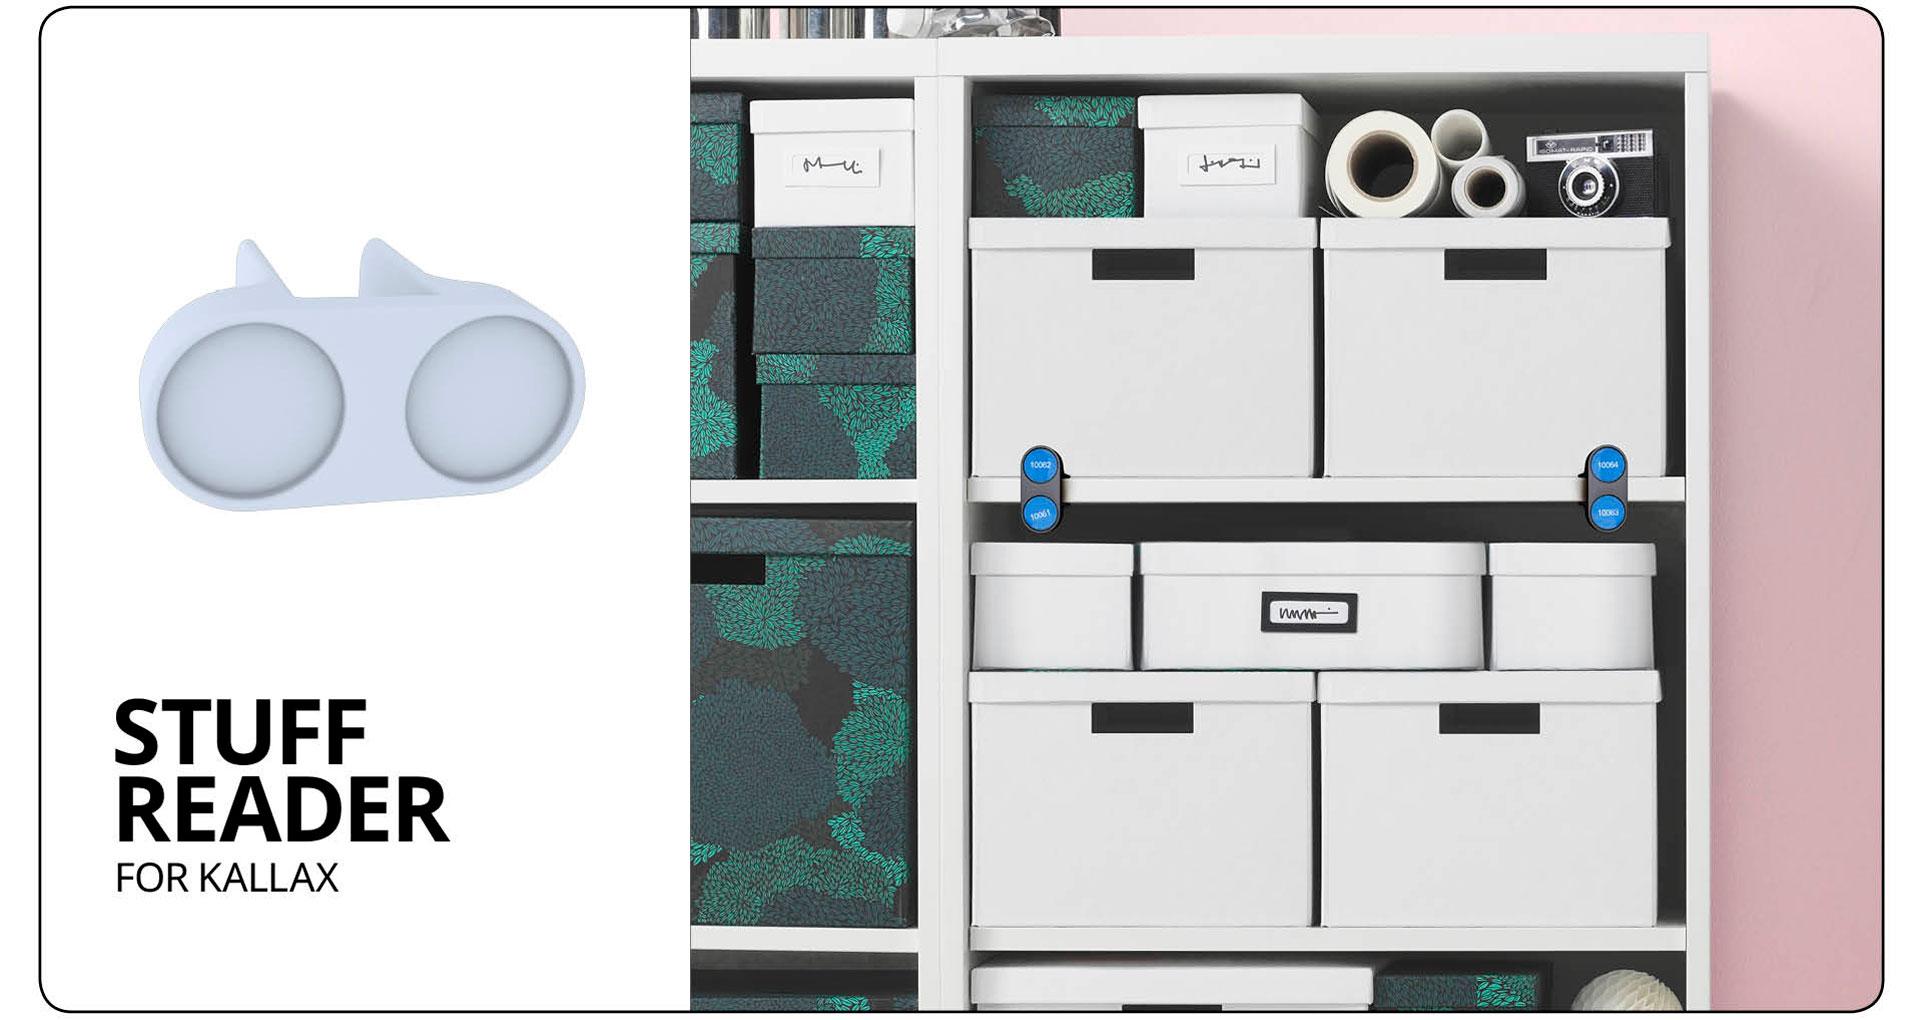 Ikea Thisables Stuff Reader barrierefreie Moebel-Erweiterung per 3D-Druck